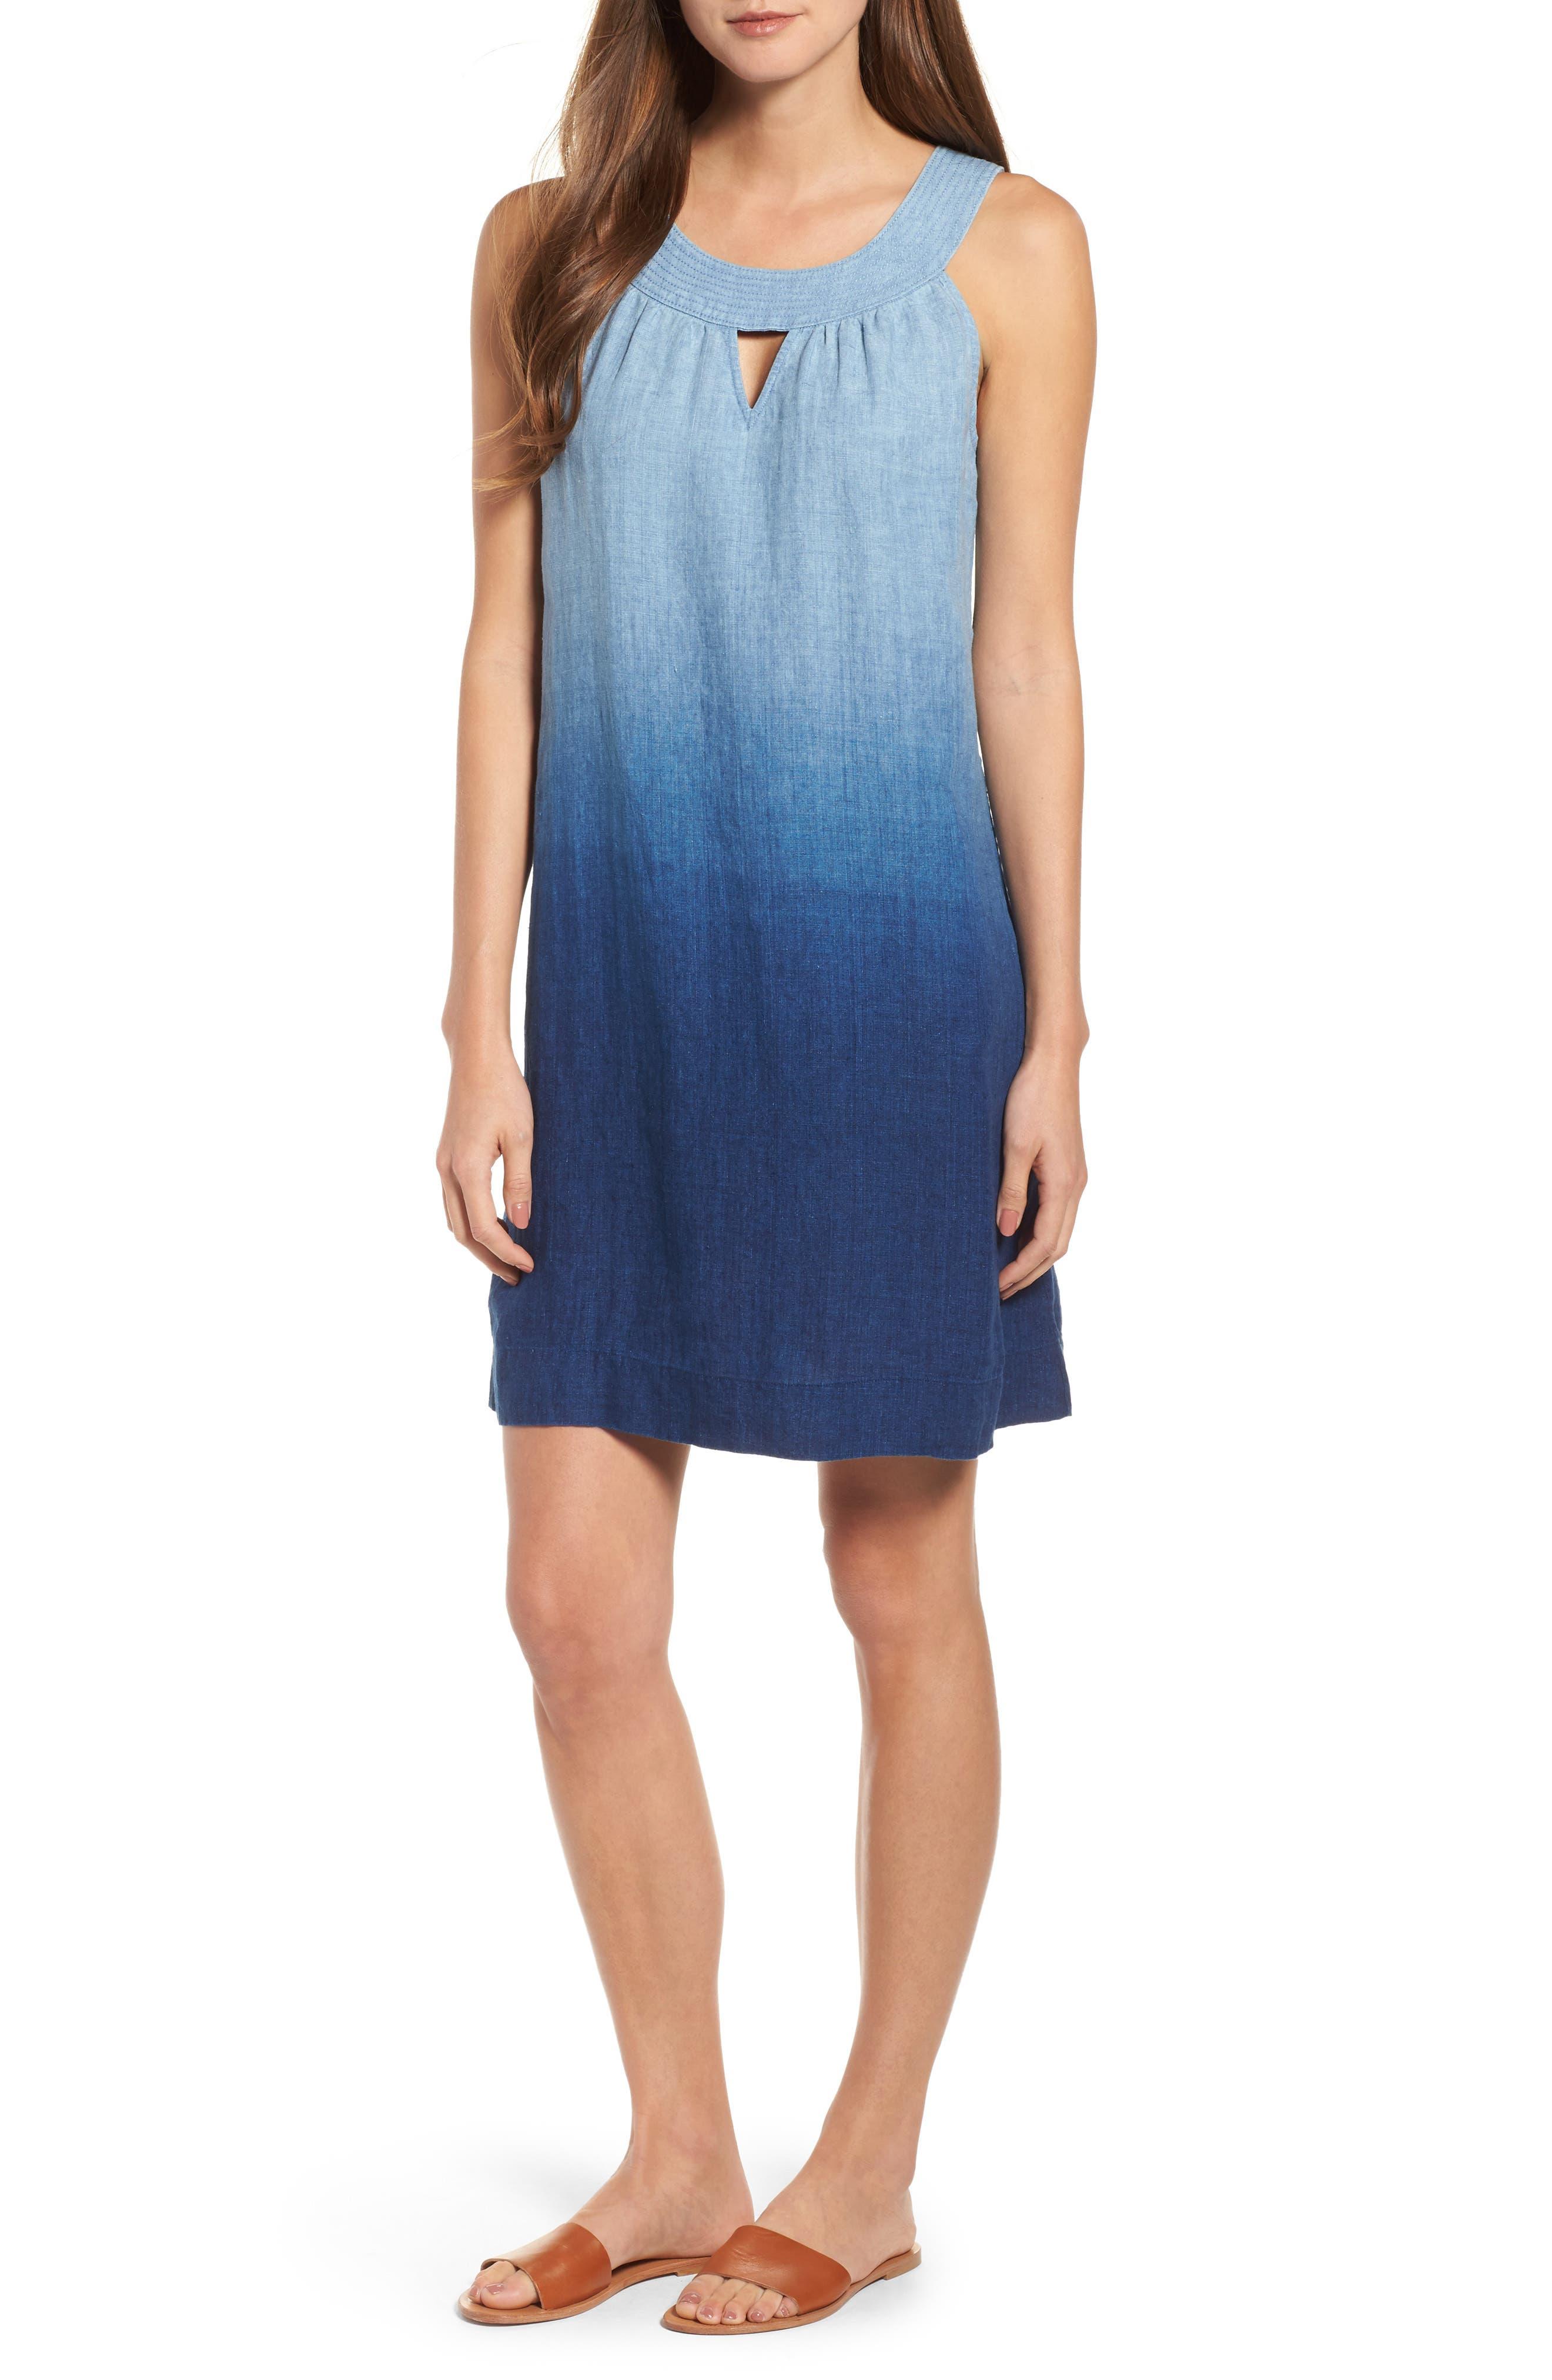 Indigo Dip Dyed Shift Dress,                             Main thumbnail 1, color,                             Dark Indigo Wash